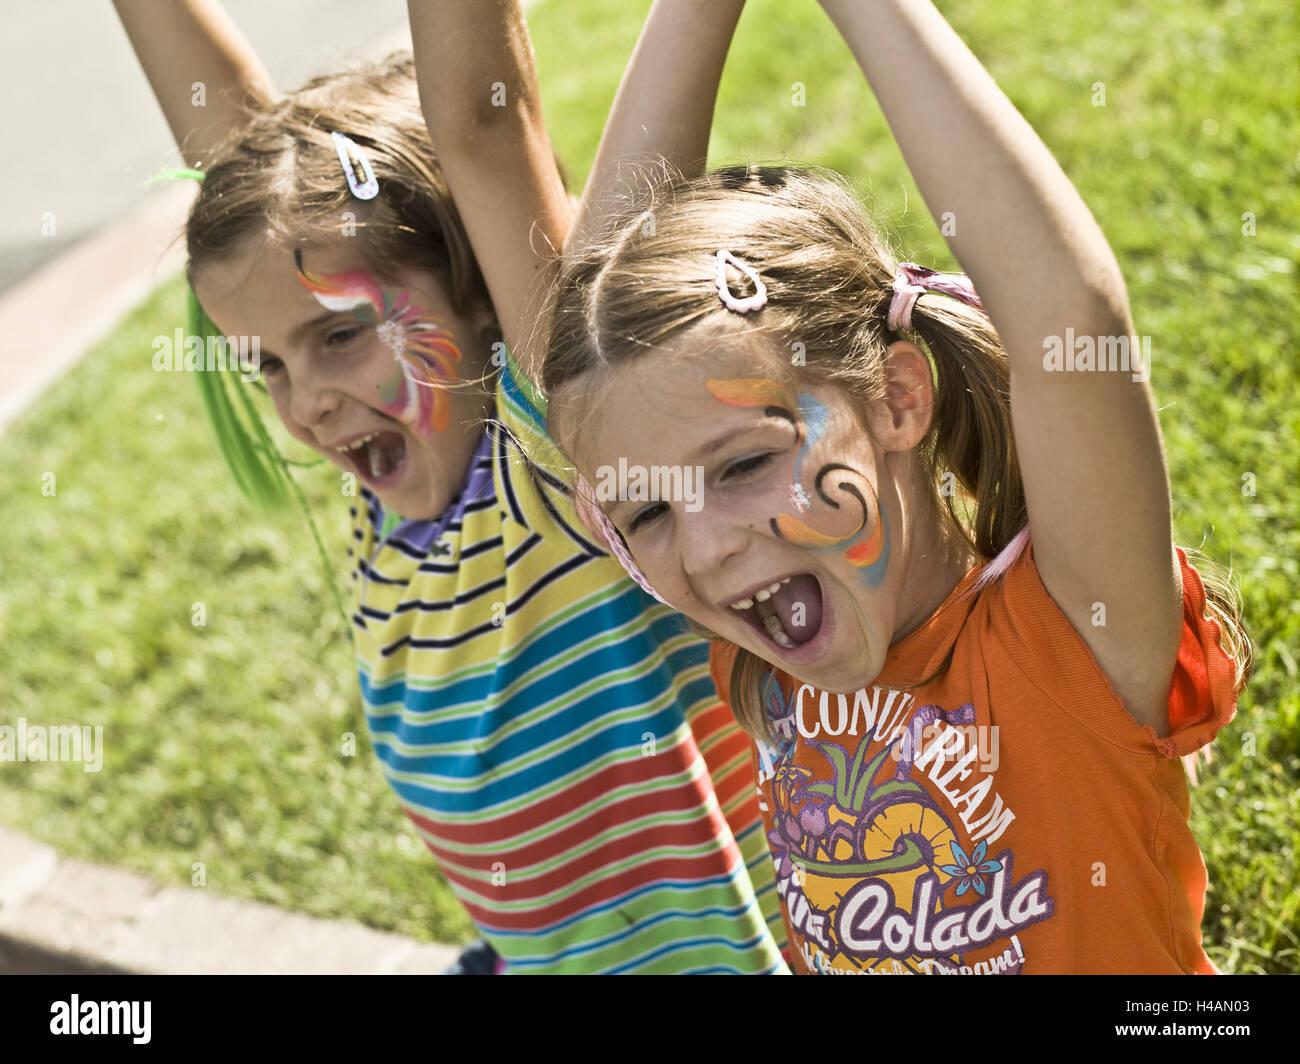 Girls, twins, painted faces, laugh, gesture, rejoice, portrait, summer, - Stock Image